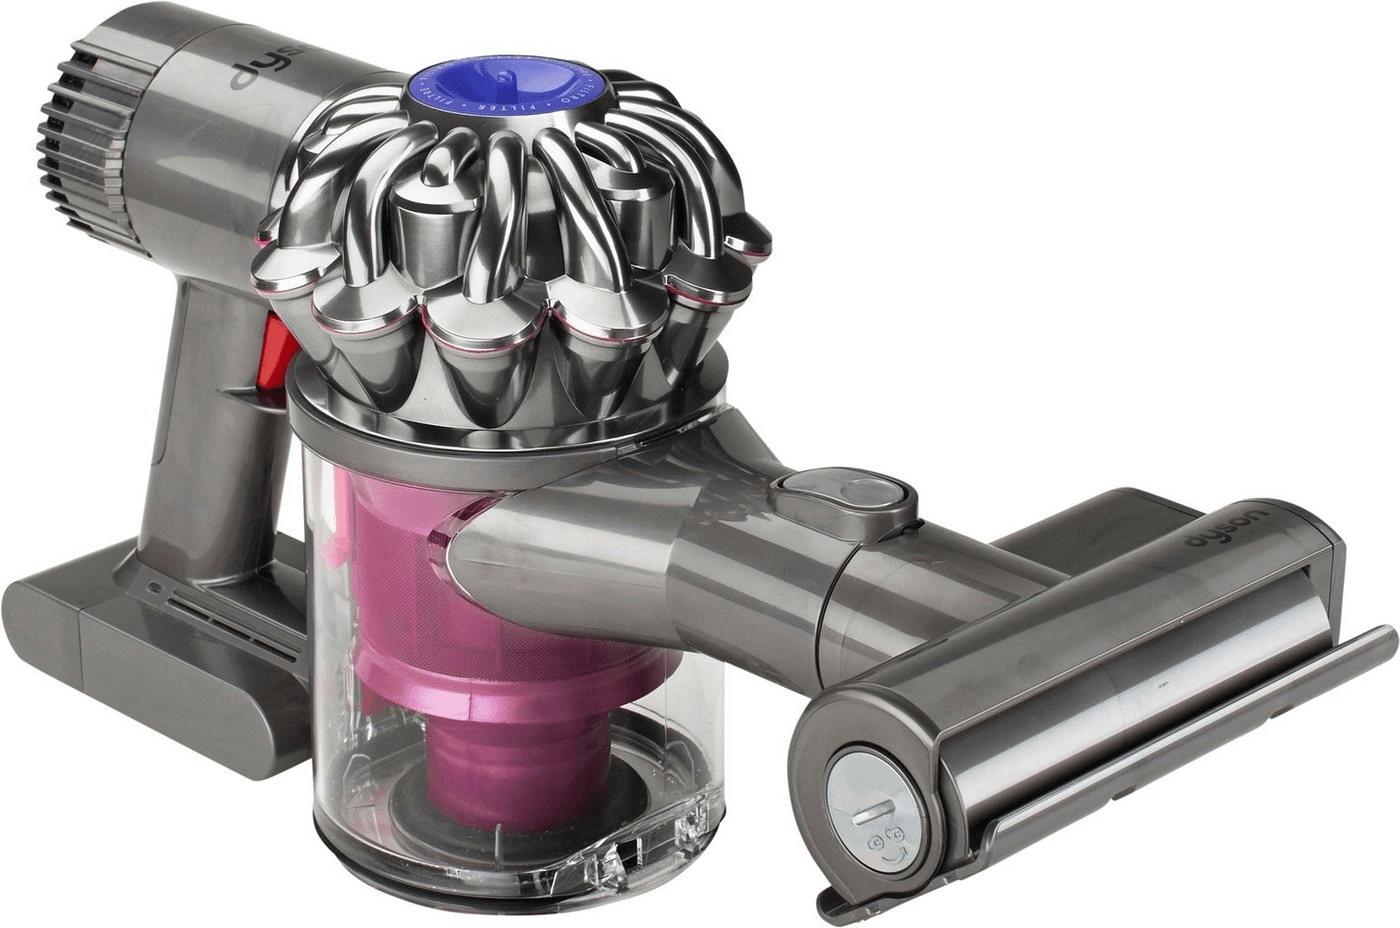 Dyson V6 Trigger+ mit 22,35€ RSP (bis 100W Saugleistung, 20/6min Betriebsdauer, 0.4l Staubbehälter, Mini-Elektrobürste/Kombidüse/Fugendüse)